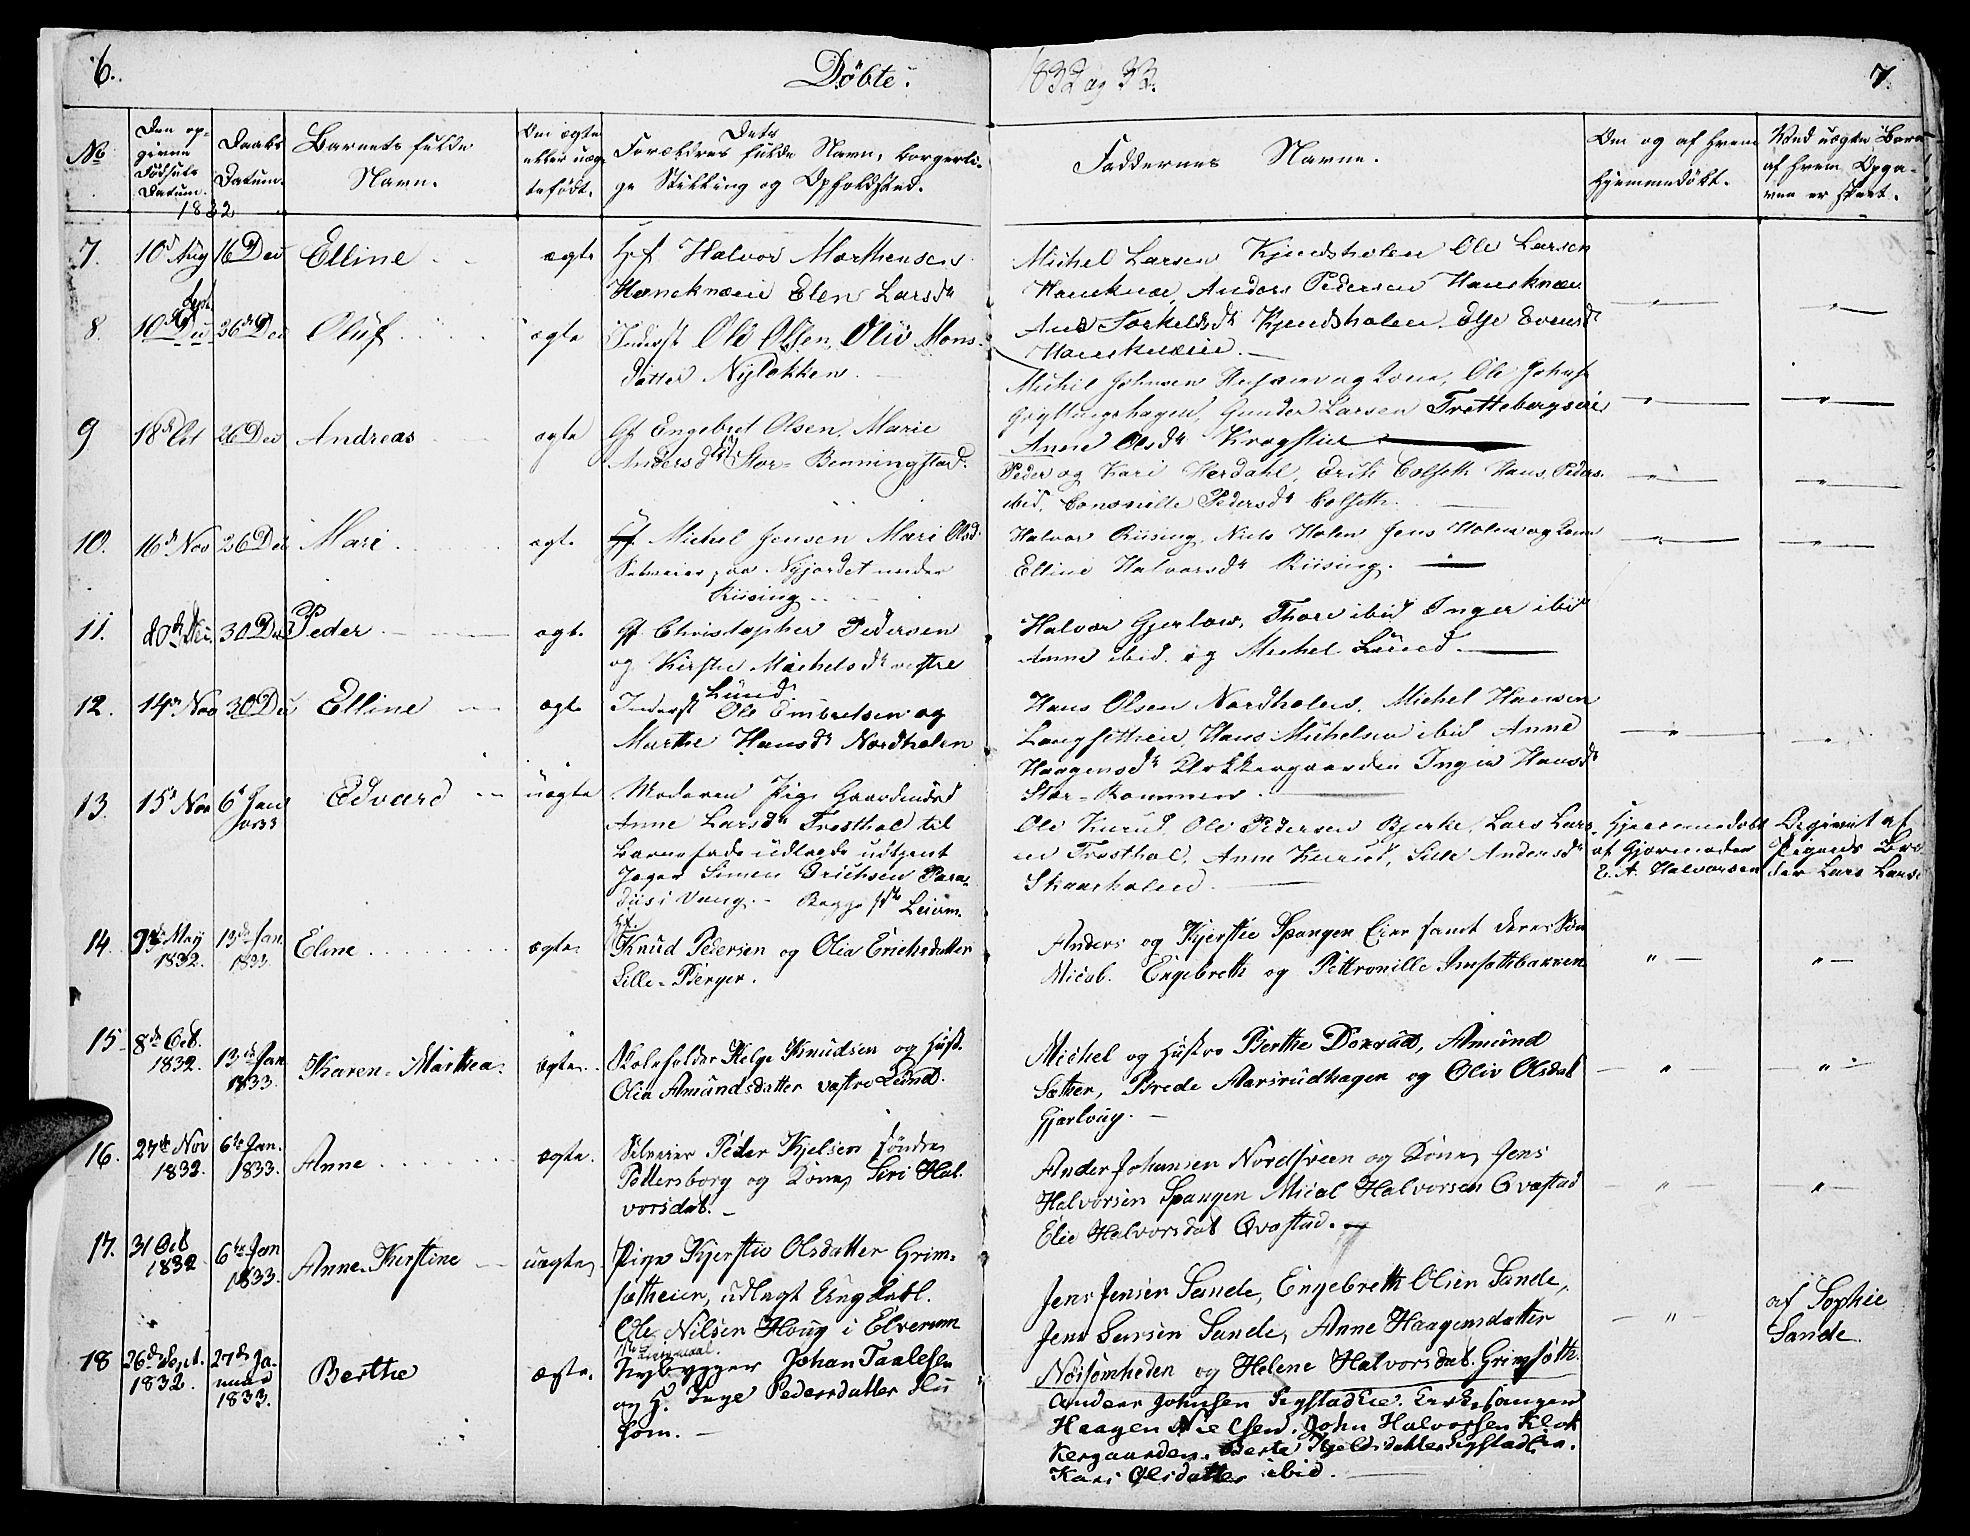 SAH, Løten prestekontor, K/Ka/L0006: Parish register (official) no. 6, 1832-1849, p. 6-7